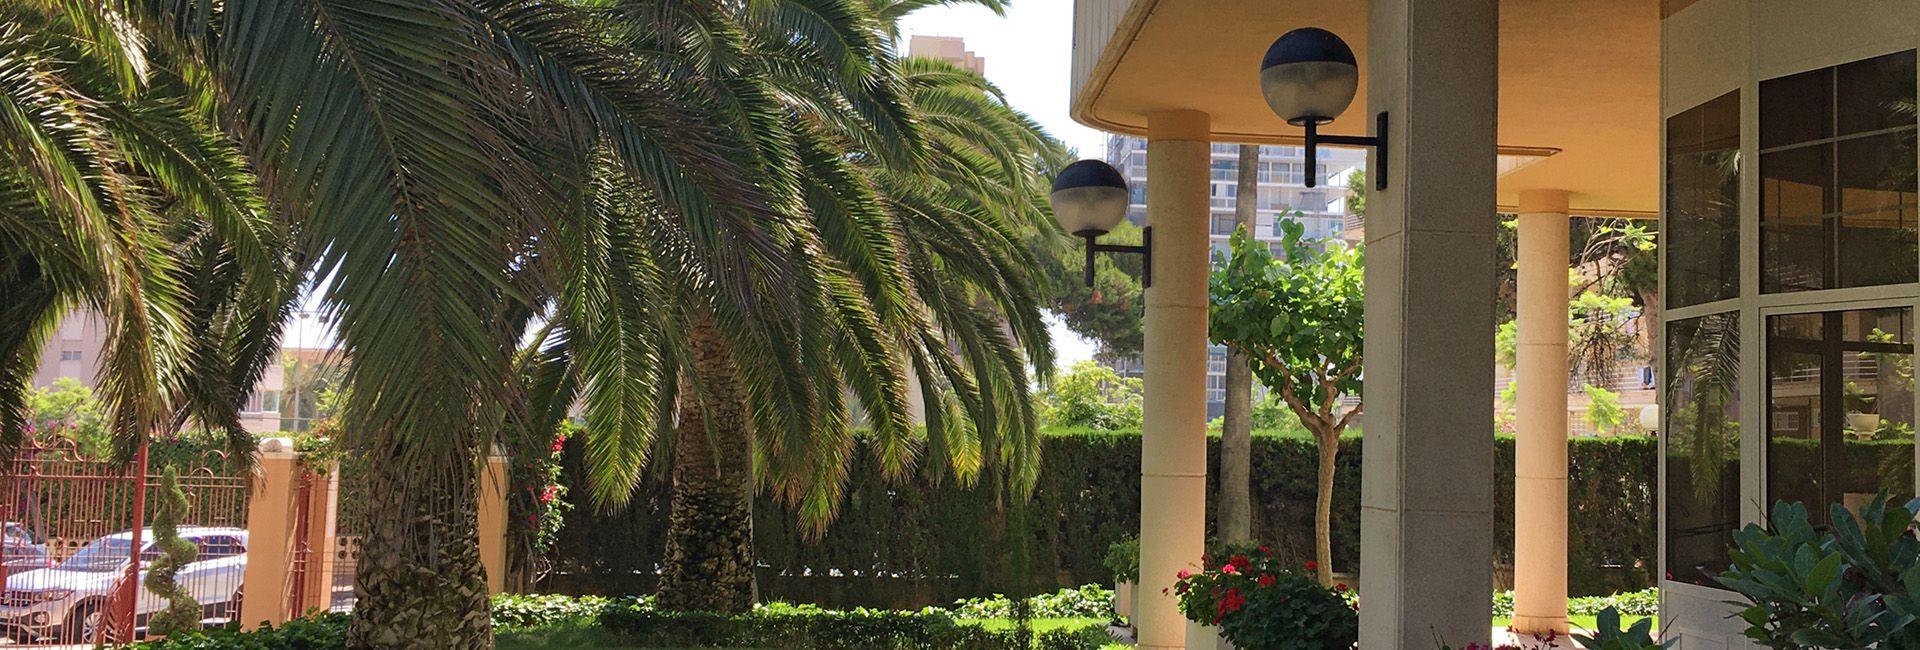 Brazos de pared Funcionales para iluminación en urbanizaciones residenciales